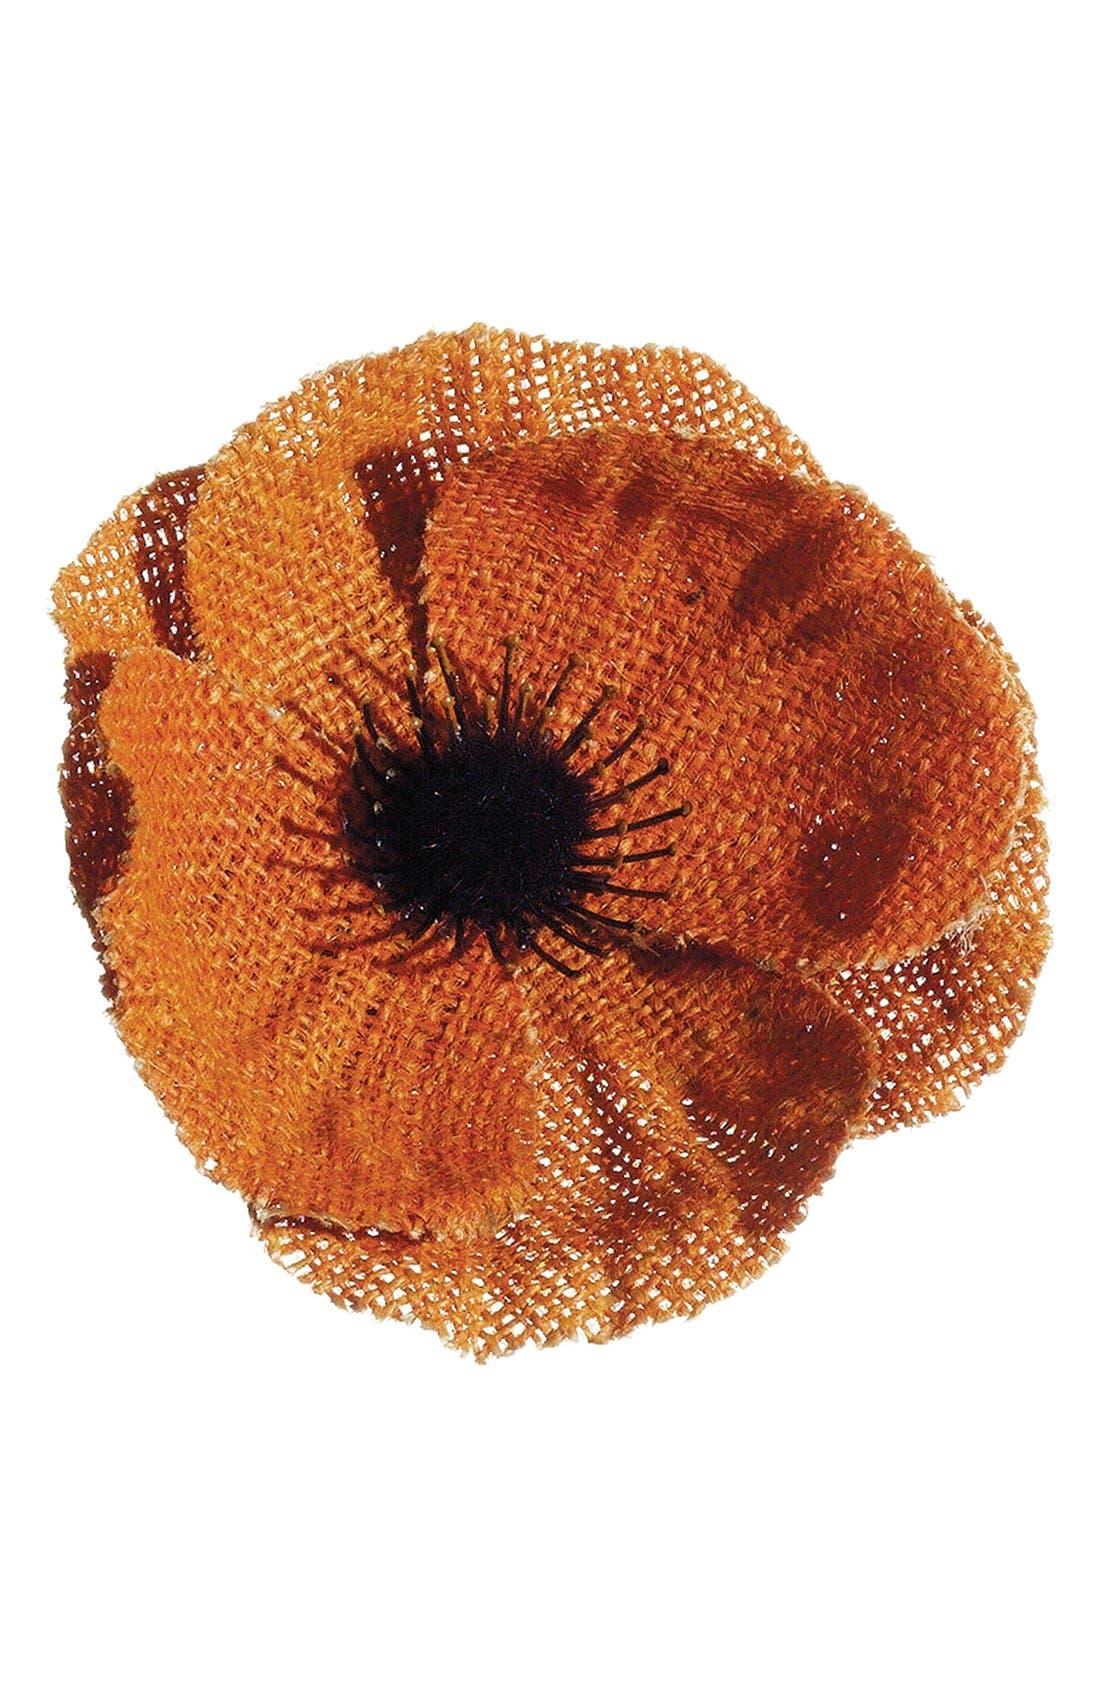 Alternate Image 1 Selected - ALLSTATE 'Poppy' Burlap Napkin Ring